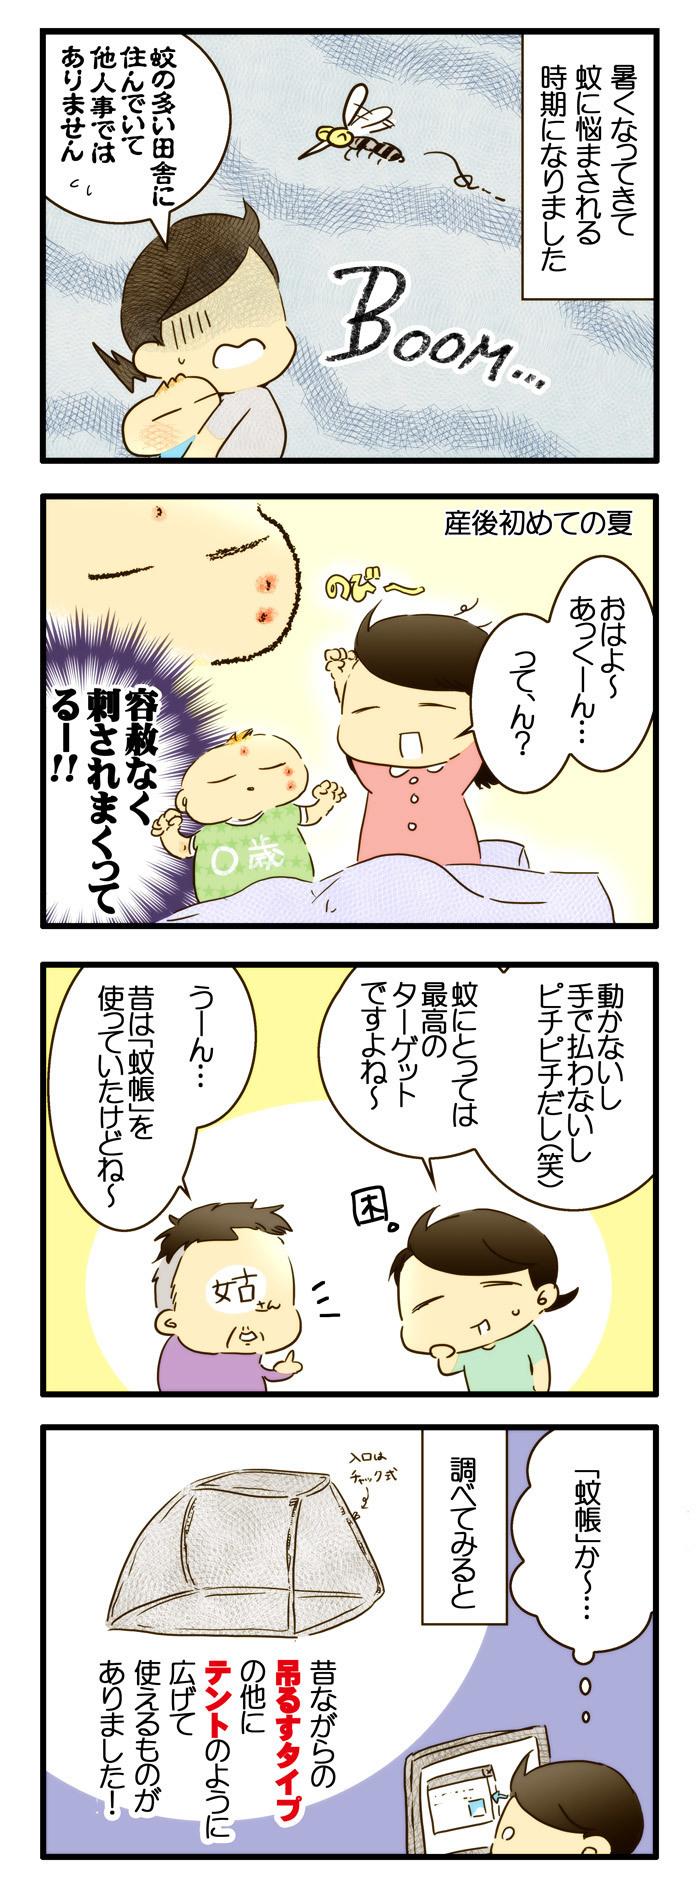 蚊に刺されまくってる〜! 抵抗できない赤ちゃんへの対策は昔ながらのアレが効果テキメンだったの画像1